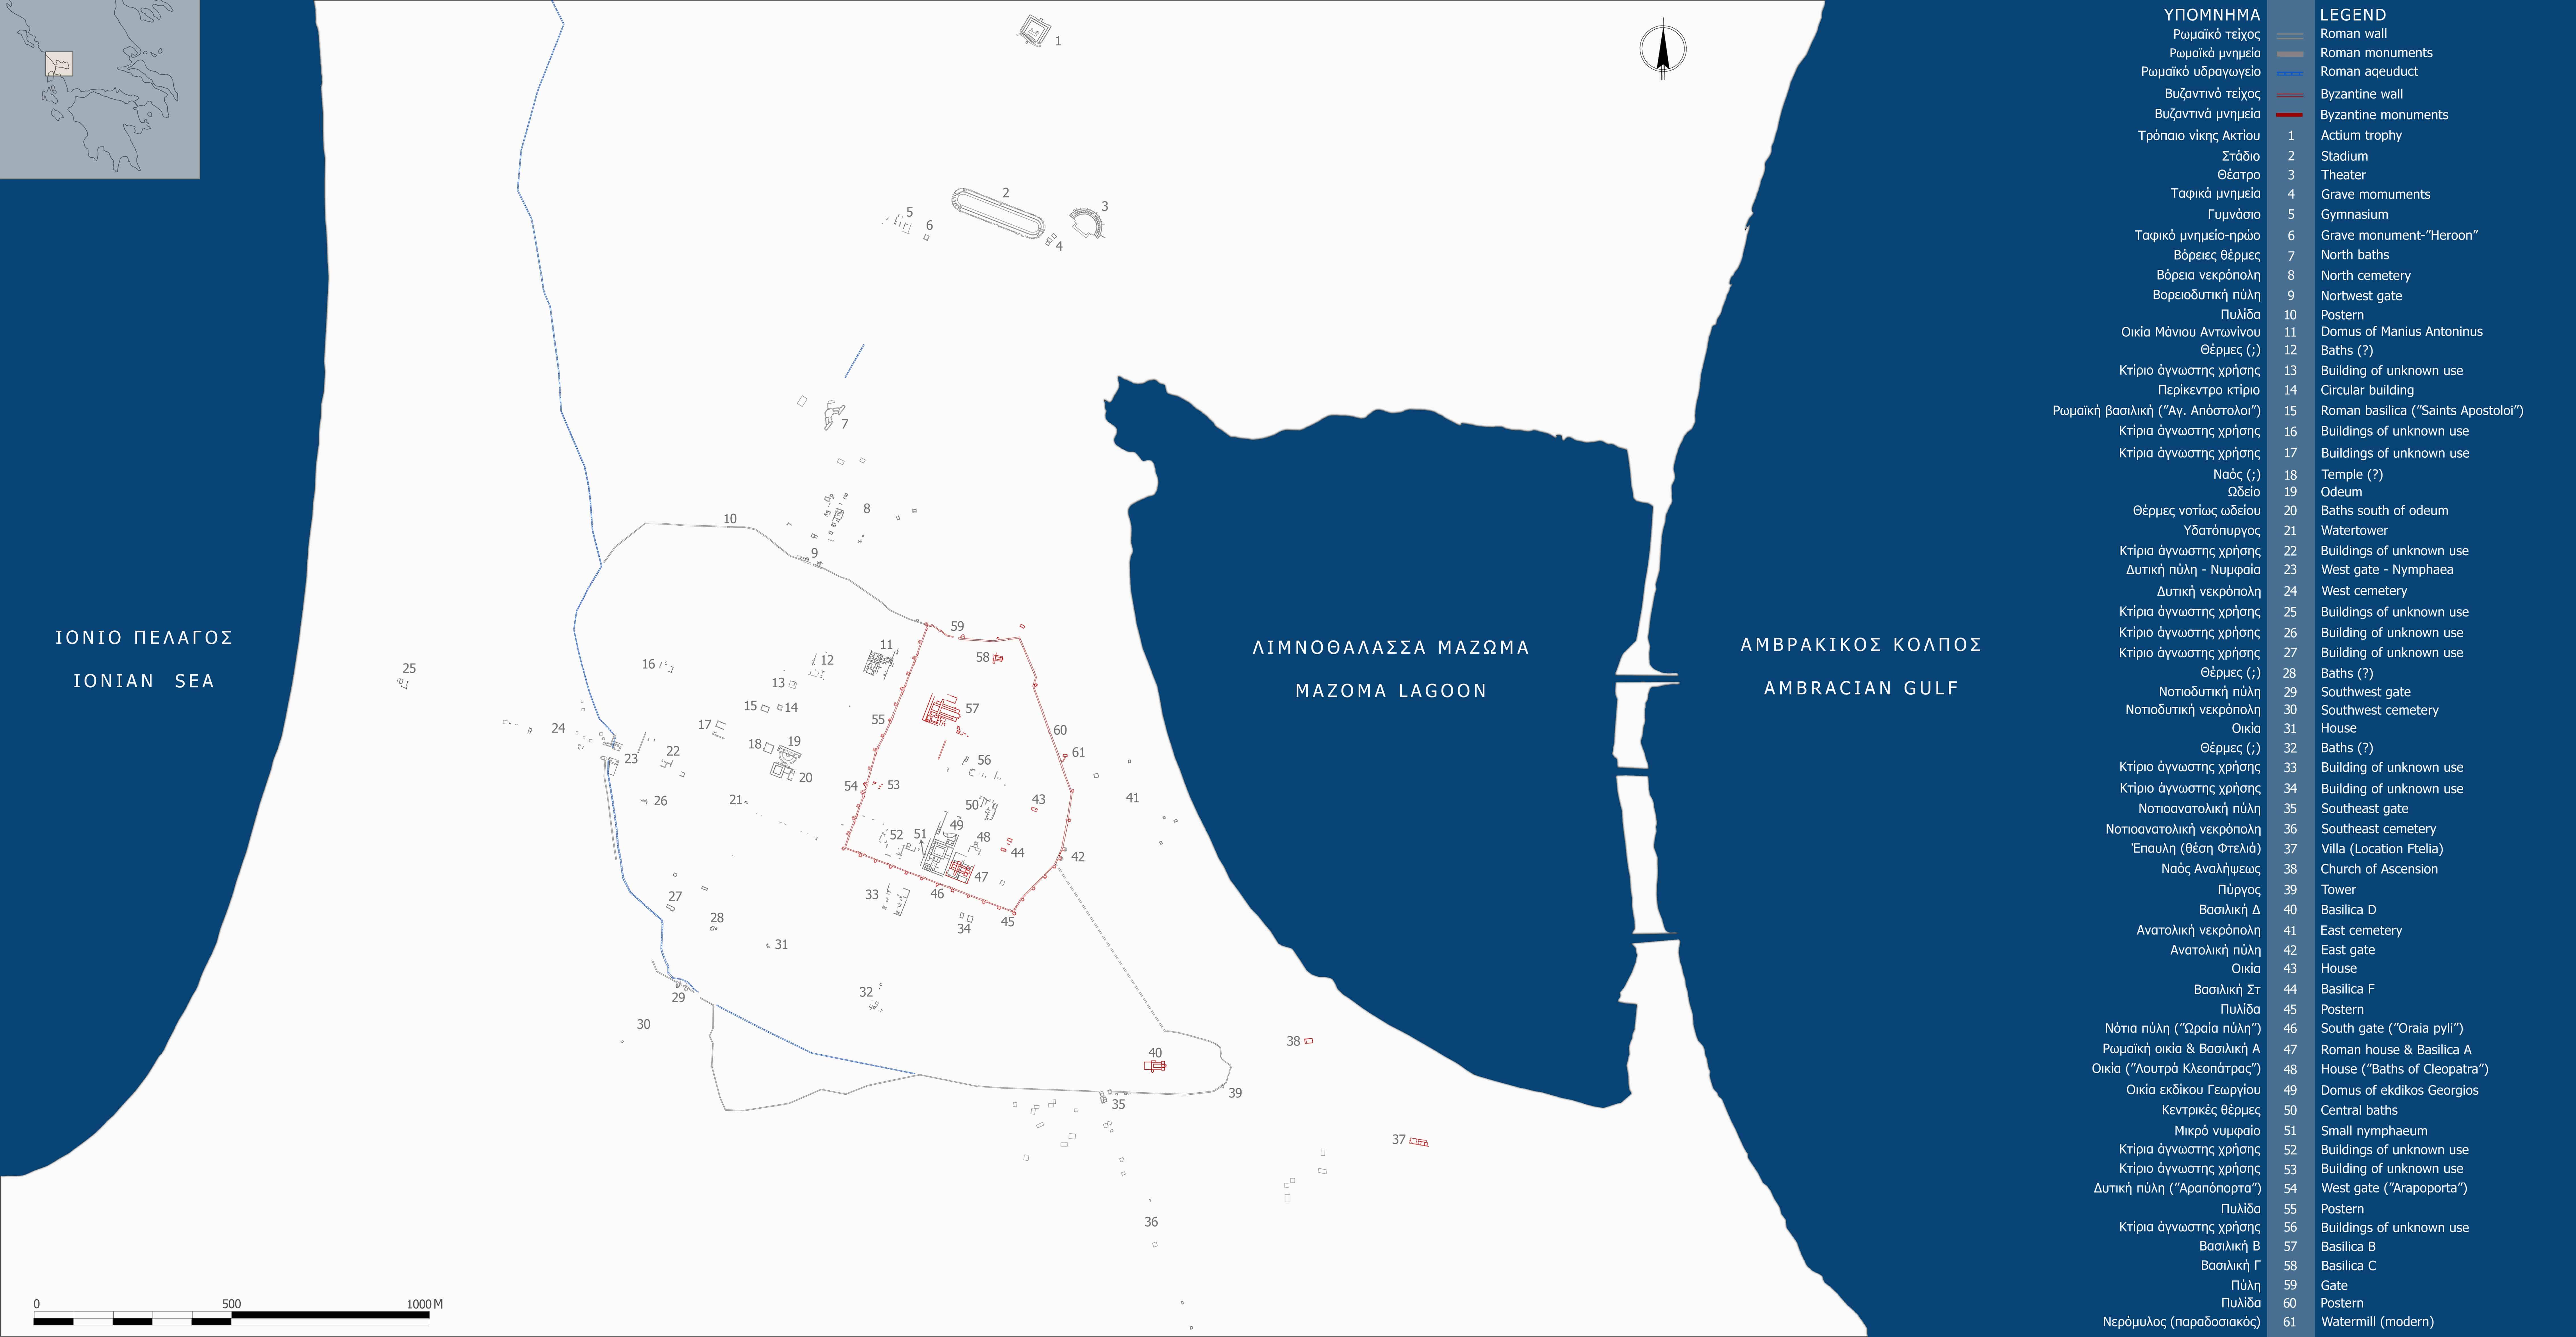 Χάρτης με υπόμνημα